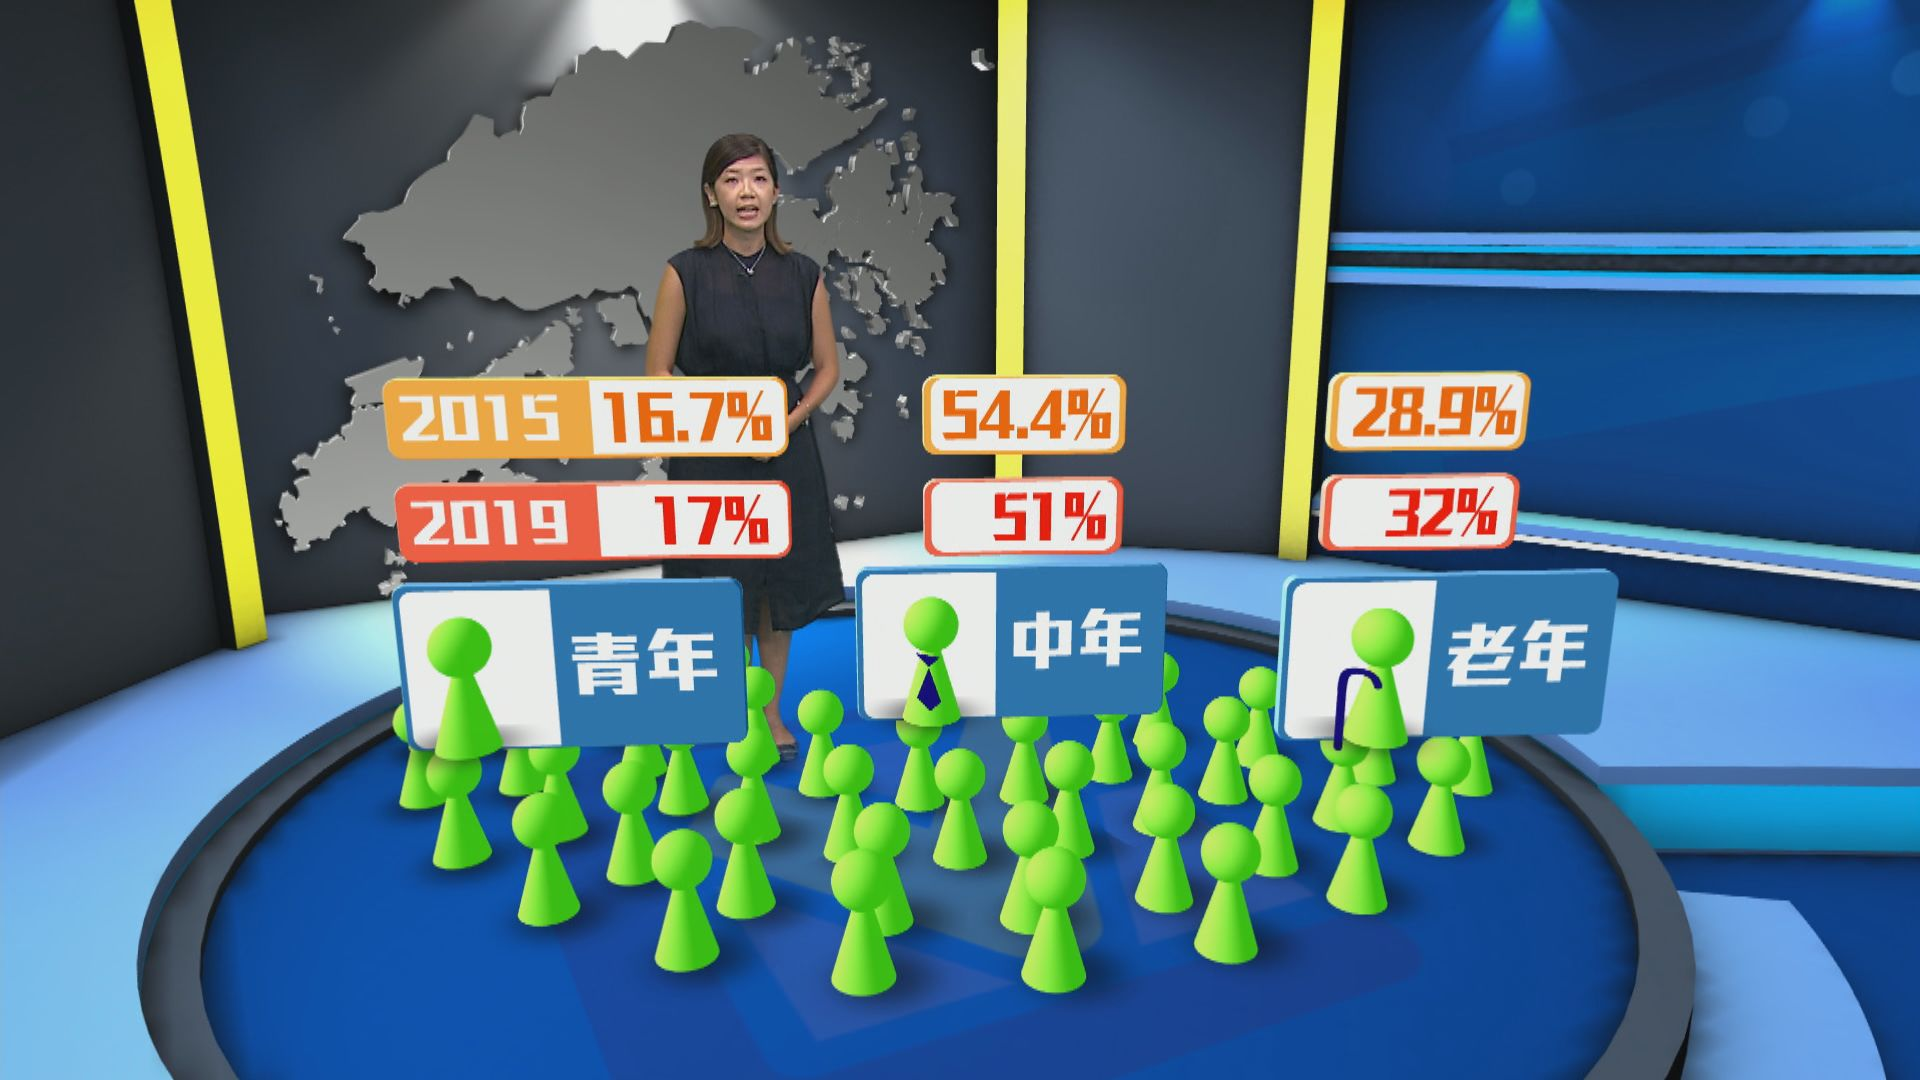 【政情號外】民生議題打不響 建制憂失守年青選區